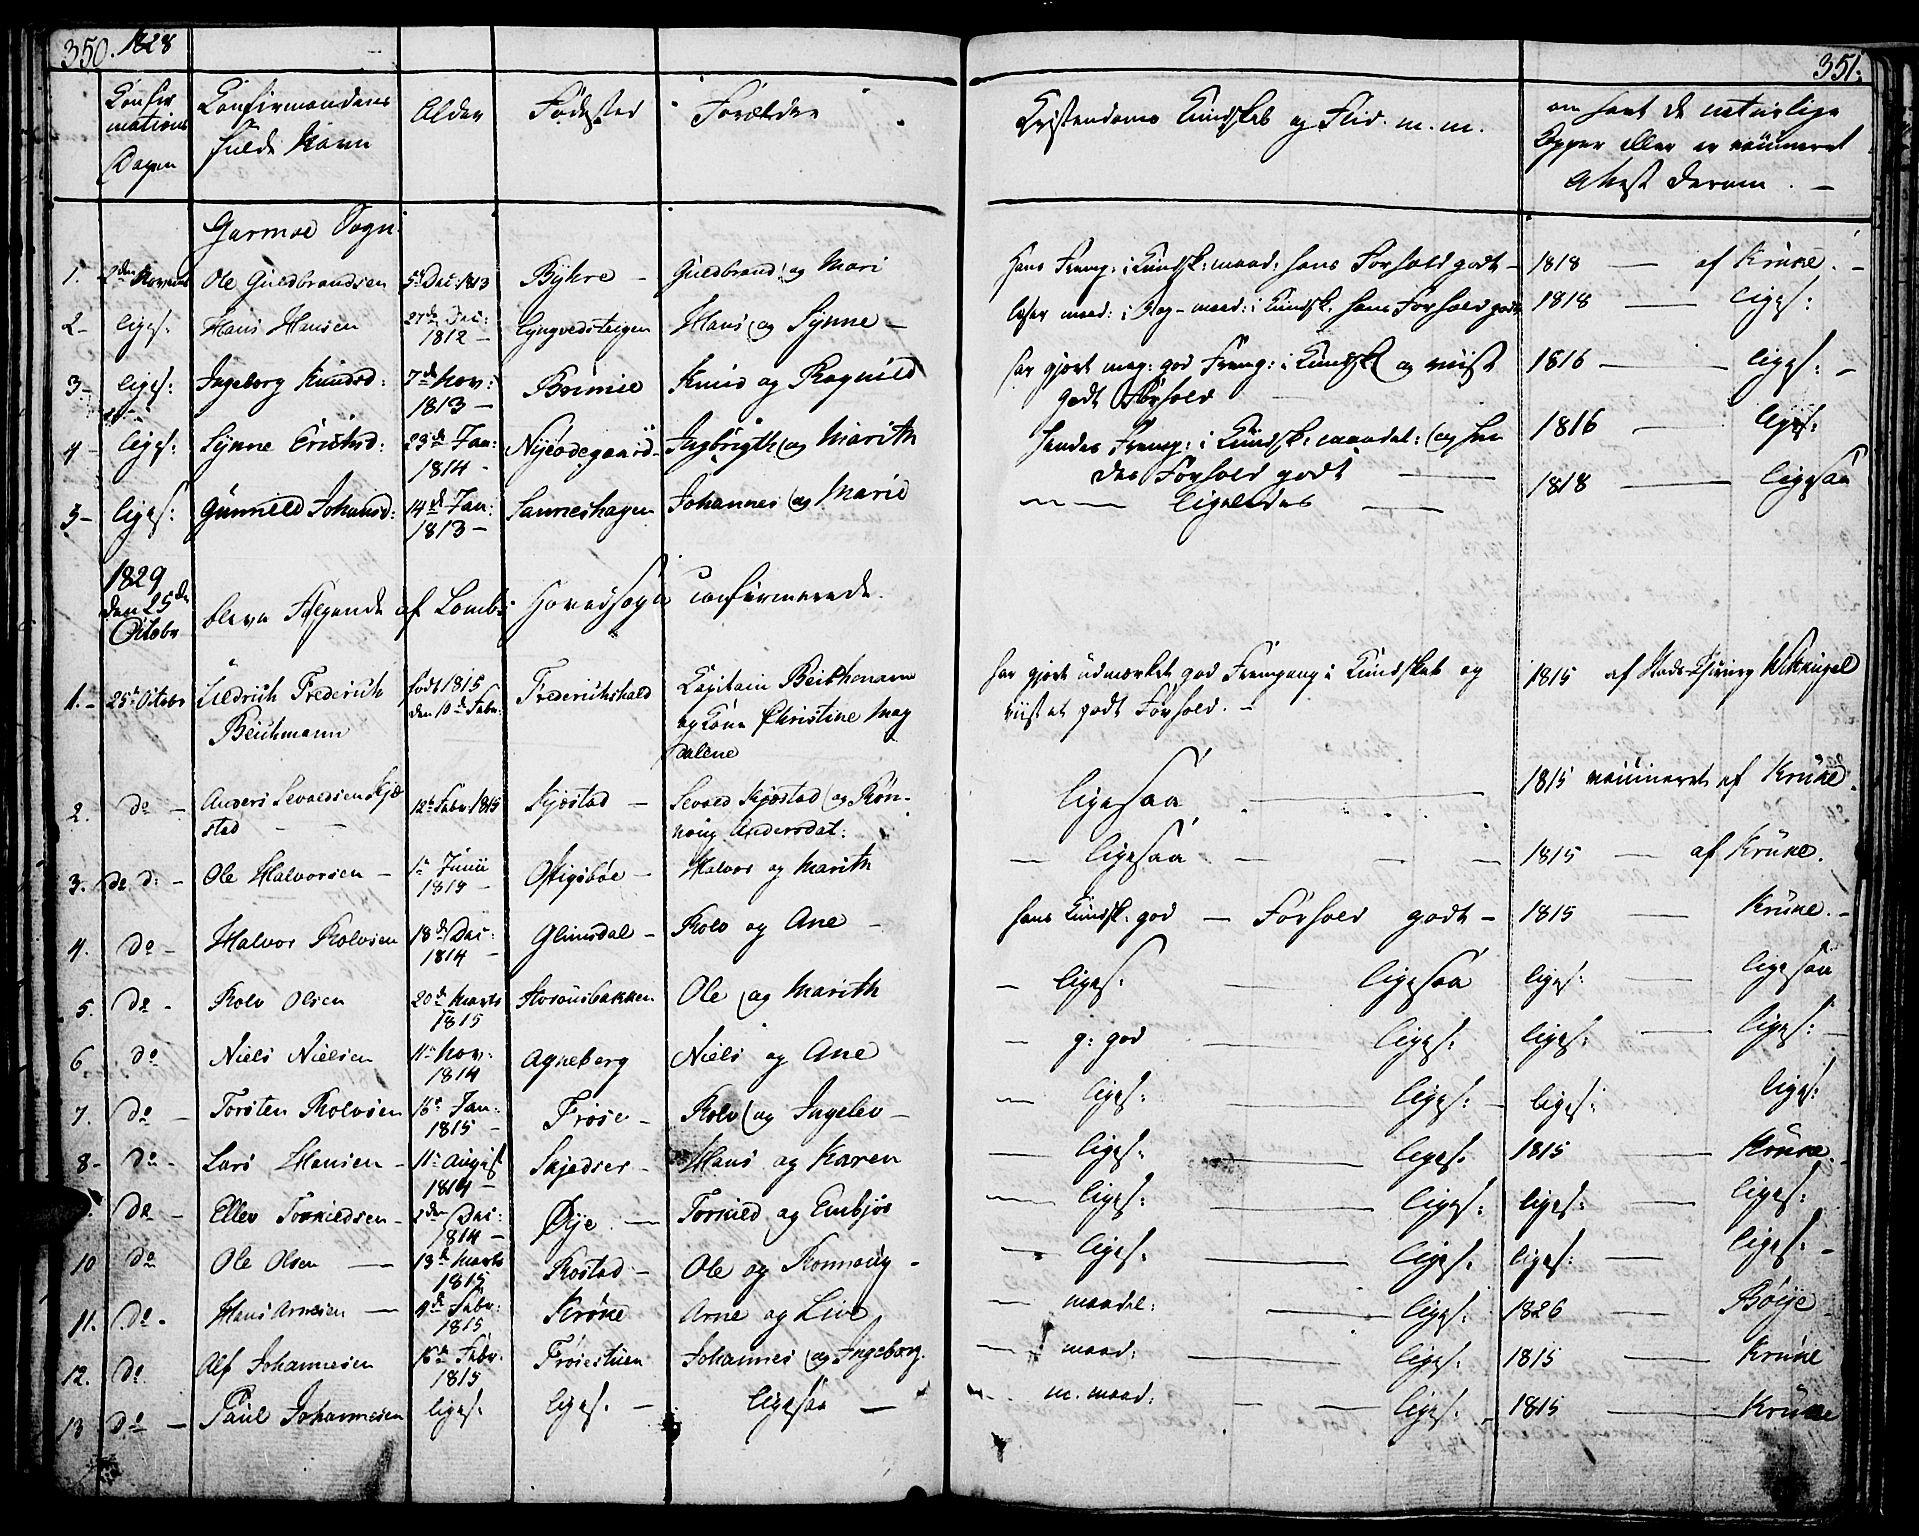 SAH, Lom prestekontor, K/L0005: Ministerialbok nr. 5, 1825-1837, s. 350-351